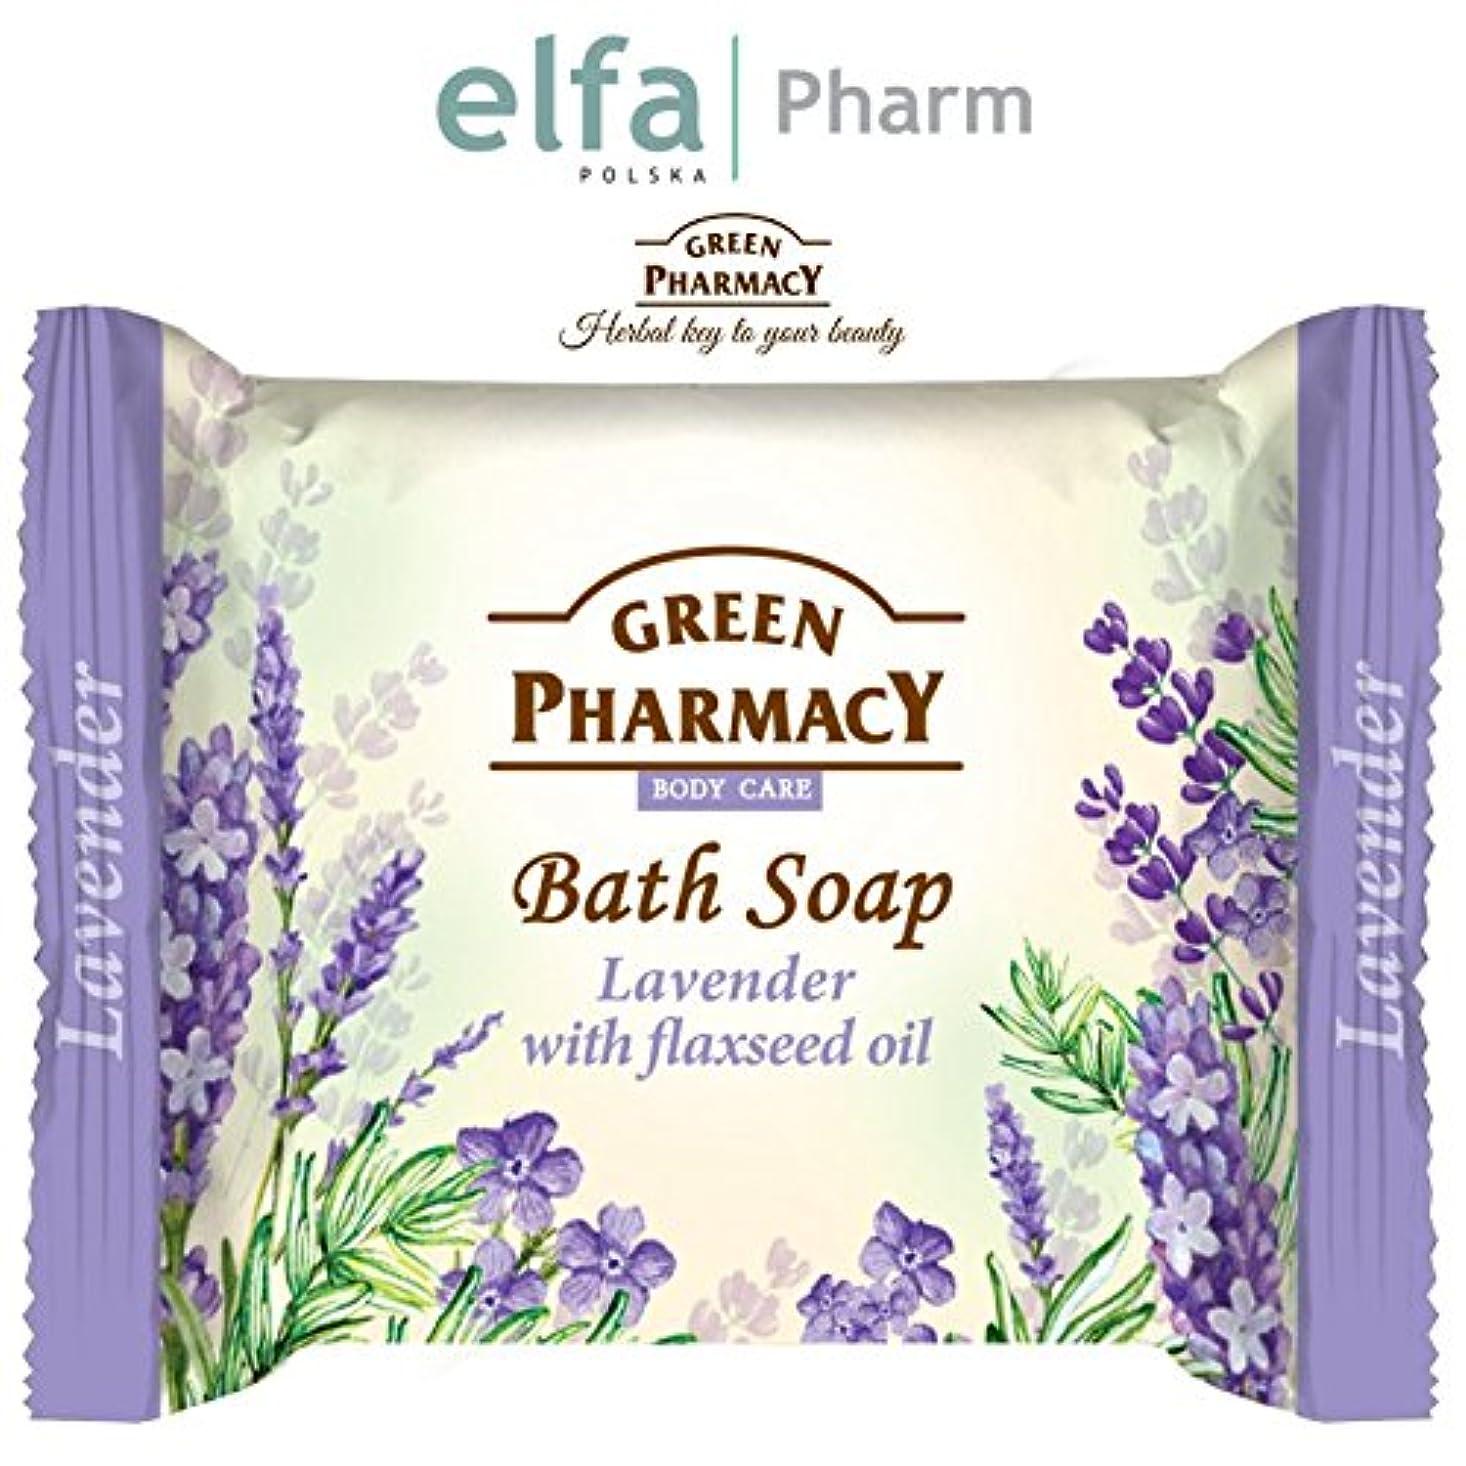 かかわらず影響するカポック石鹸 固形 安心?安全 古代からのハーブの知識を生かして作られた固形せっけん ポーランドのグリーンファーマシー elfa Pharm Green Pharmacy Bath Soap Lavender with Flaxseed...